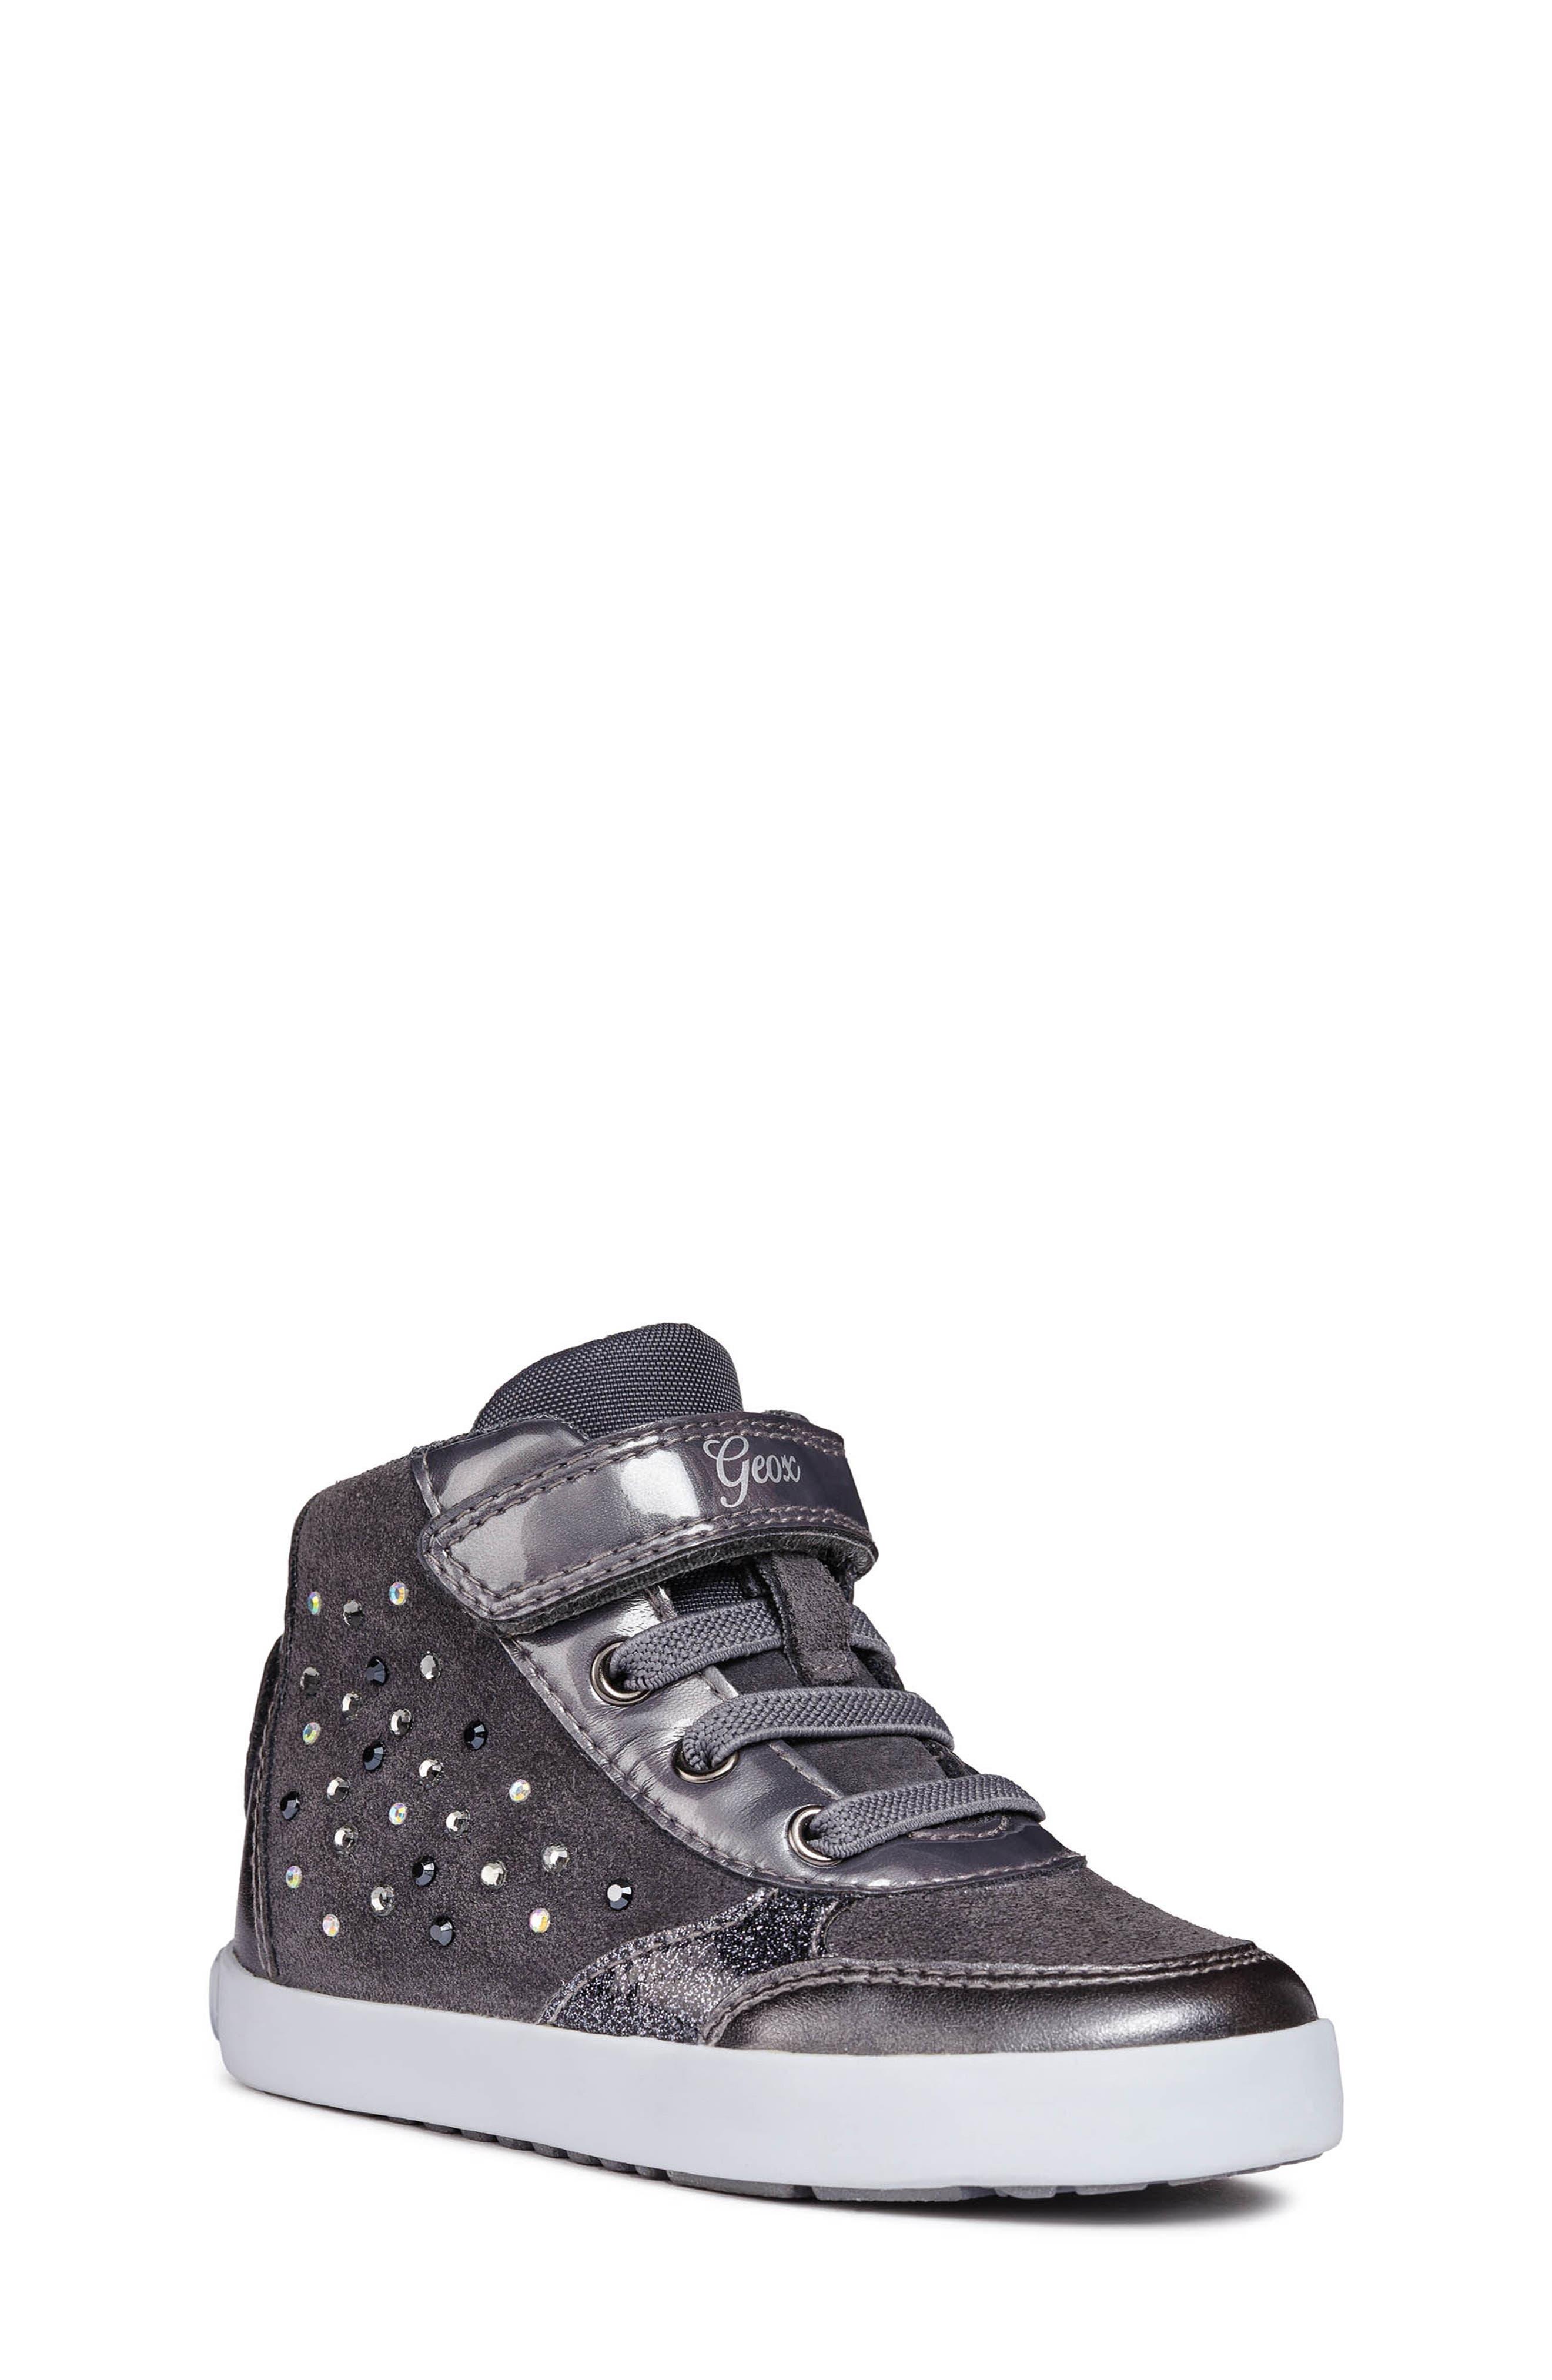 Kilwi High Top Sneaker,                         Main,                         color, DARK GREY